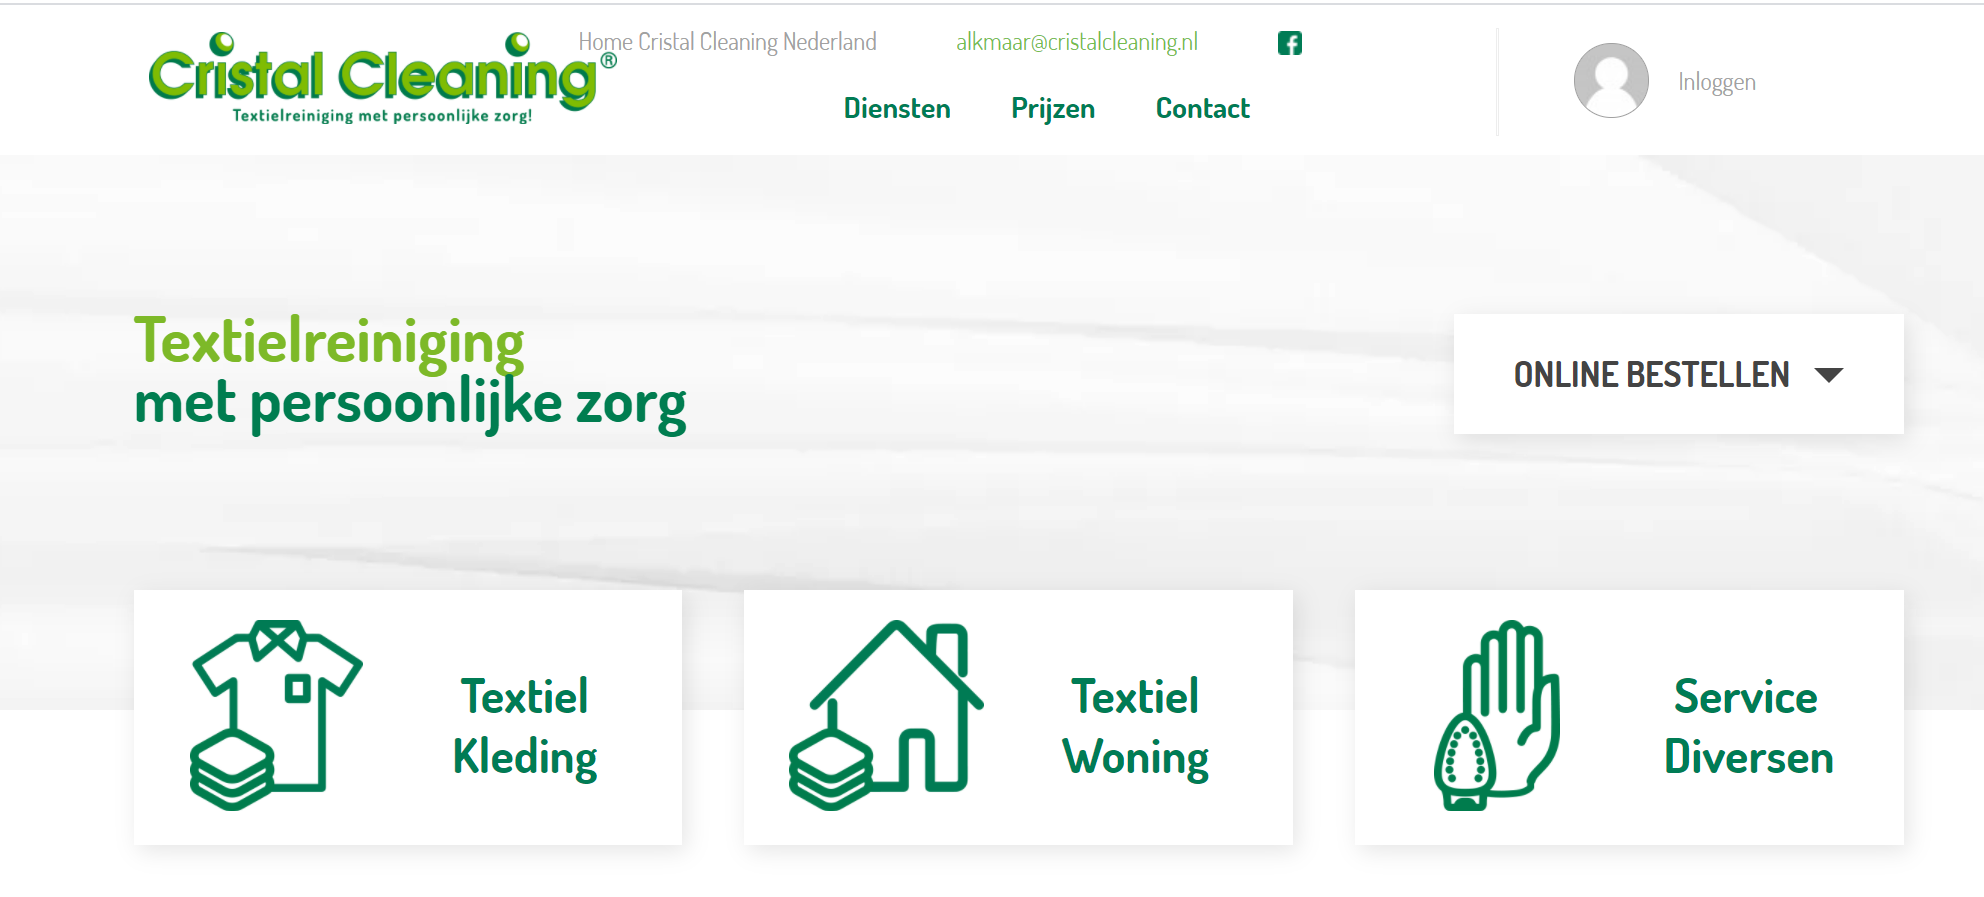 Cristal Cleaning in Alkmaar zoekt nieuwe franchisenemer